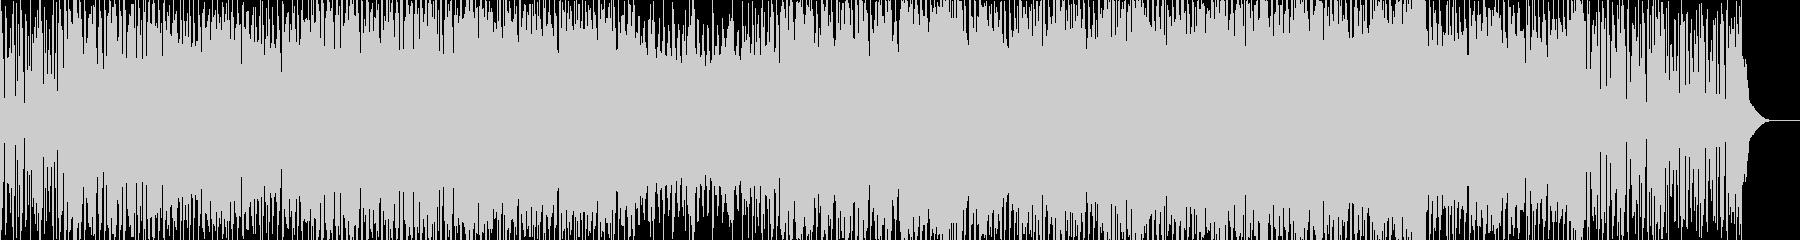 三味線 + ダンスミュージックの未再生の波形